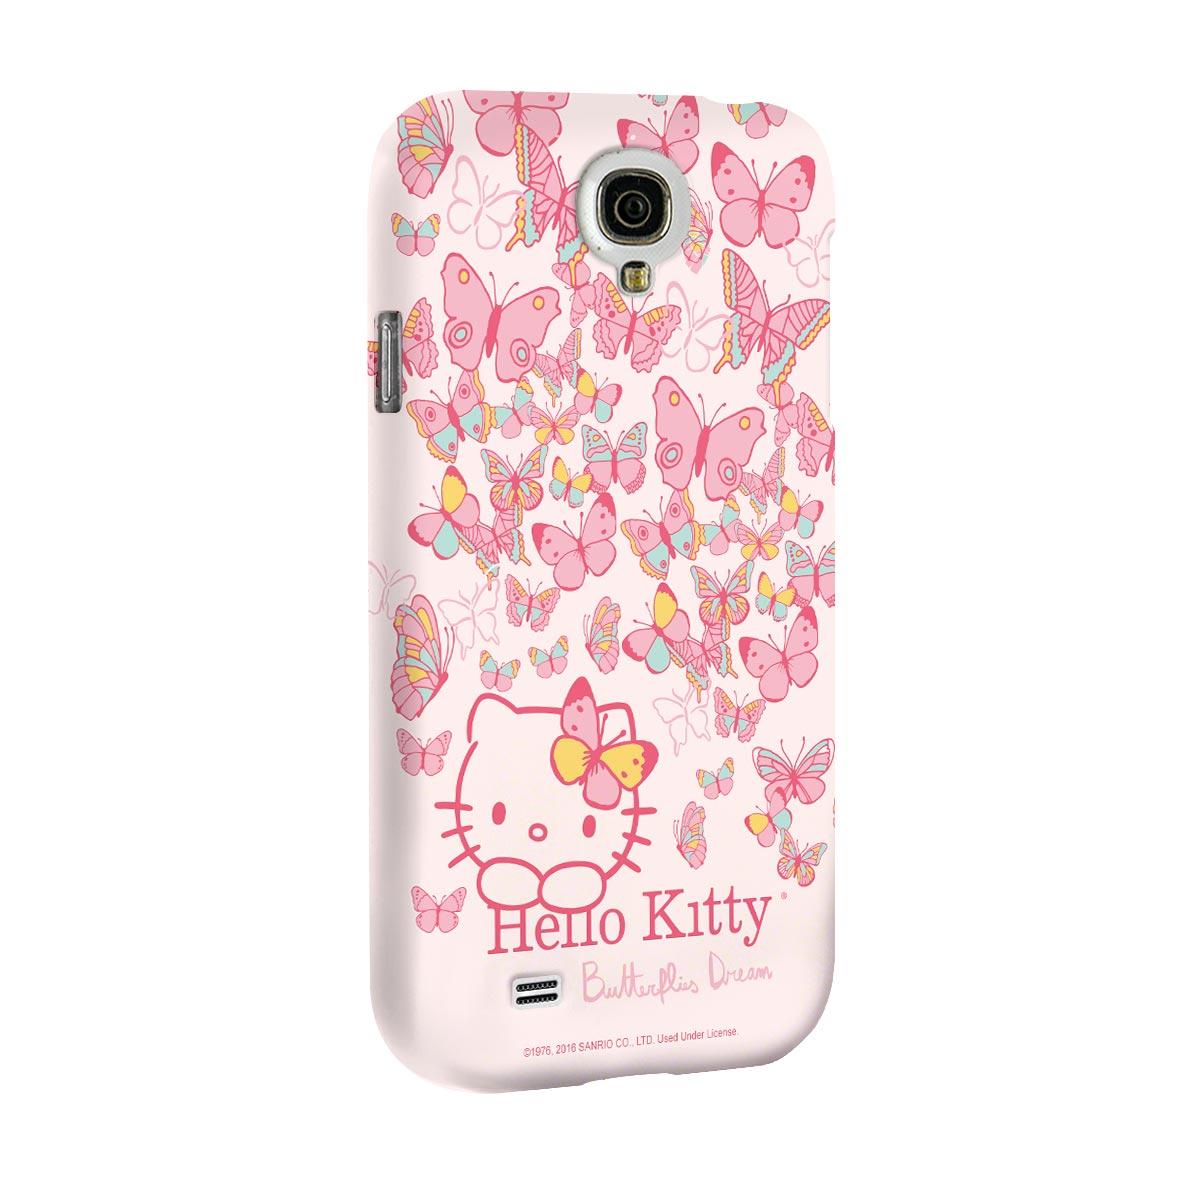 Capa para Samsung Galaxy S4 Hello Kitty Butterflies Dream